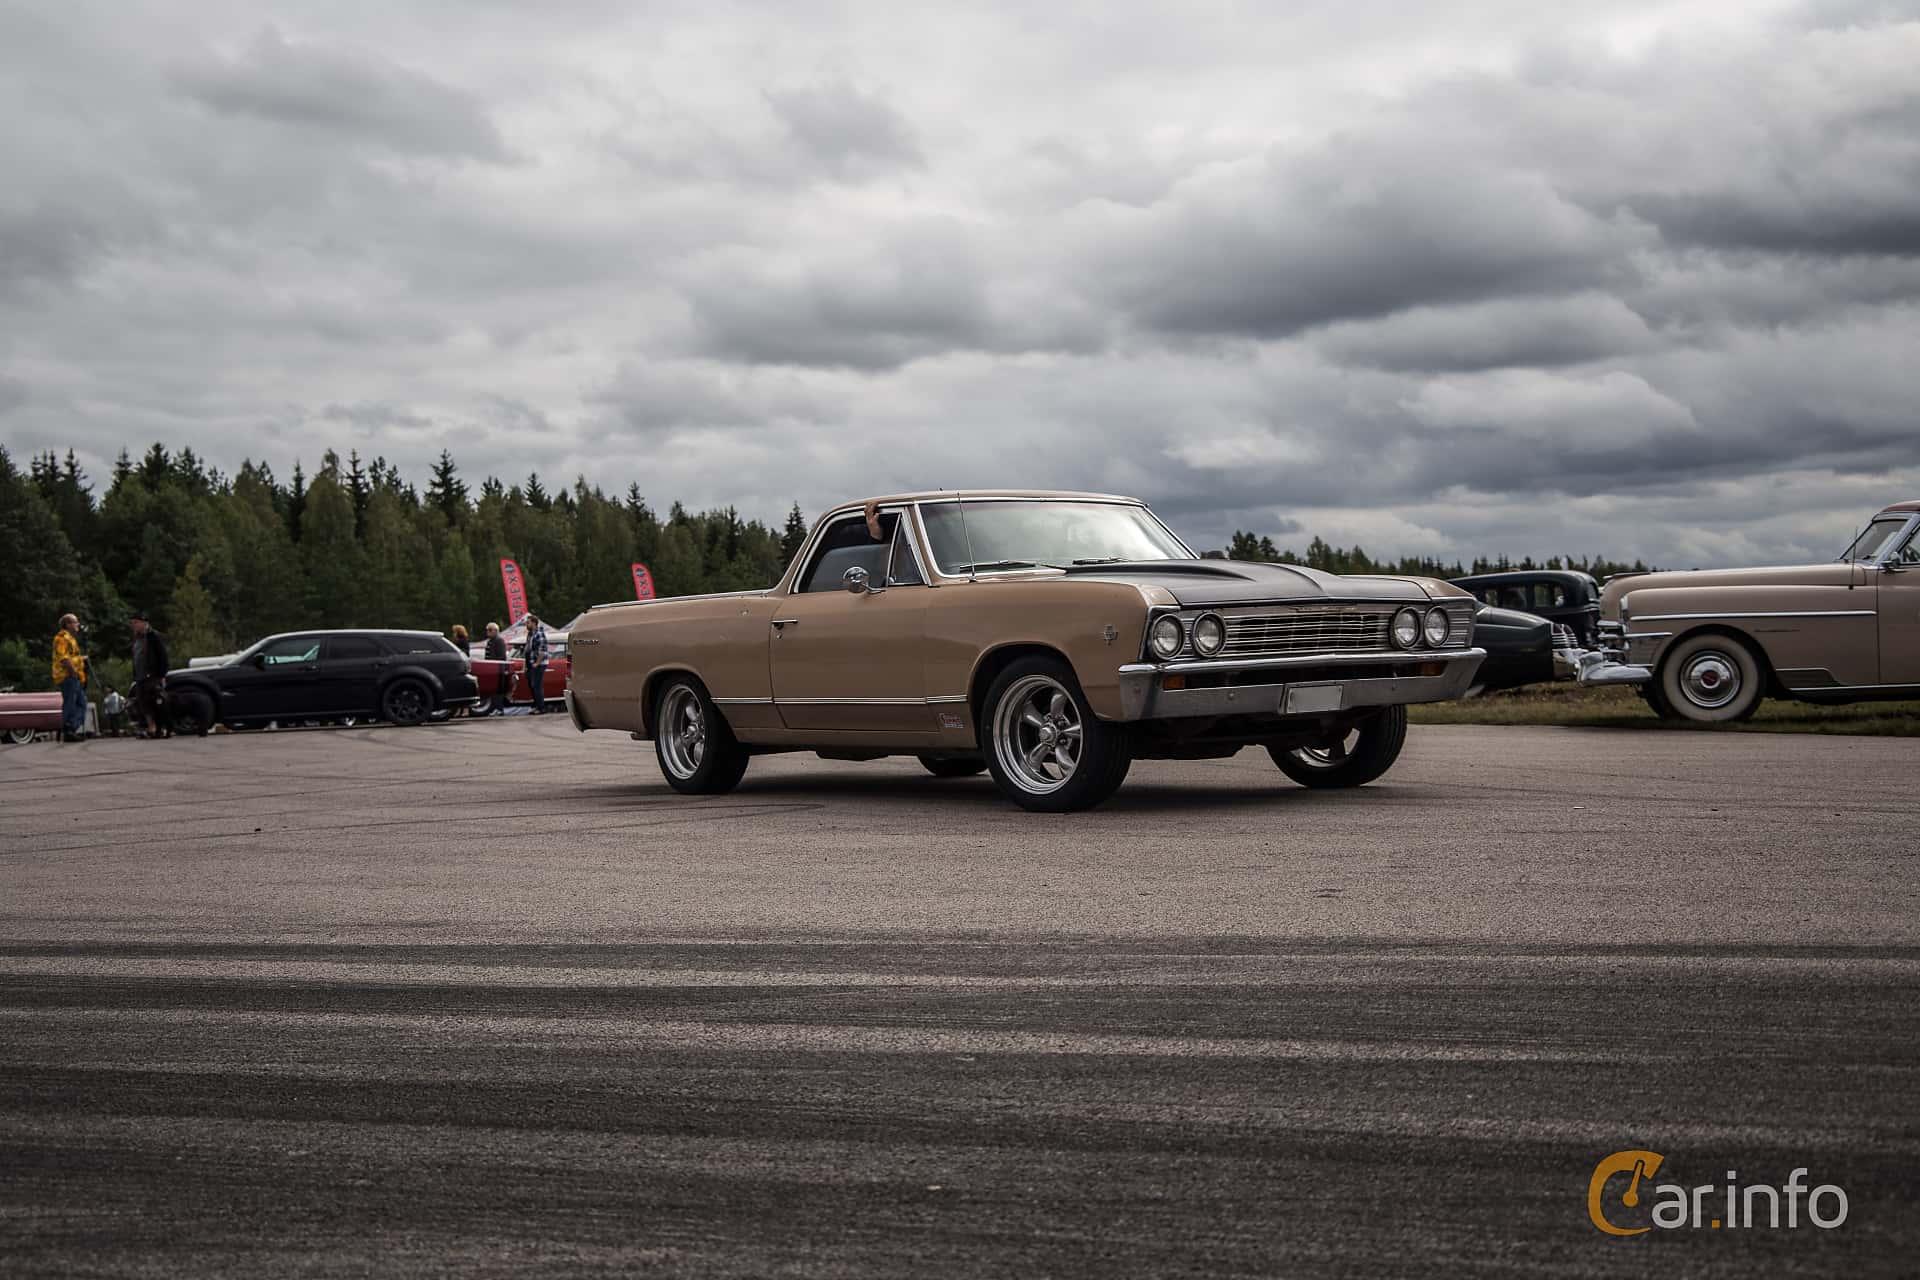 Chevrolet El Camino 6.5 V8 Powerglide, 329hp, 1967 at Power End of Summer Meet Emmaboda 2017